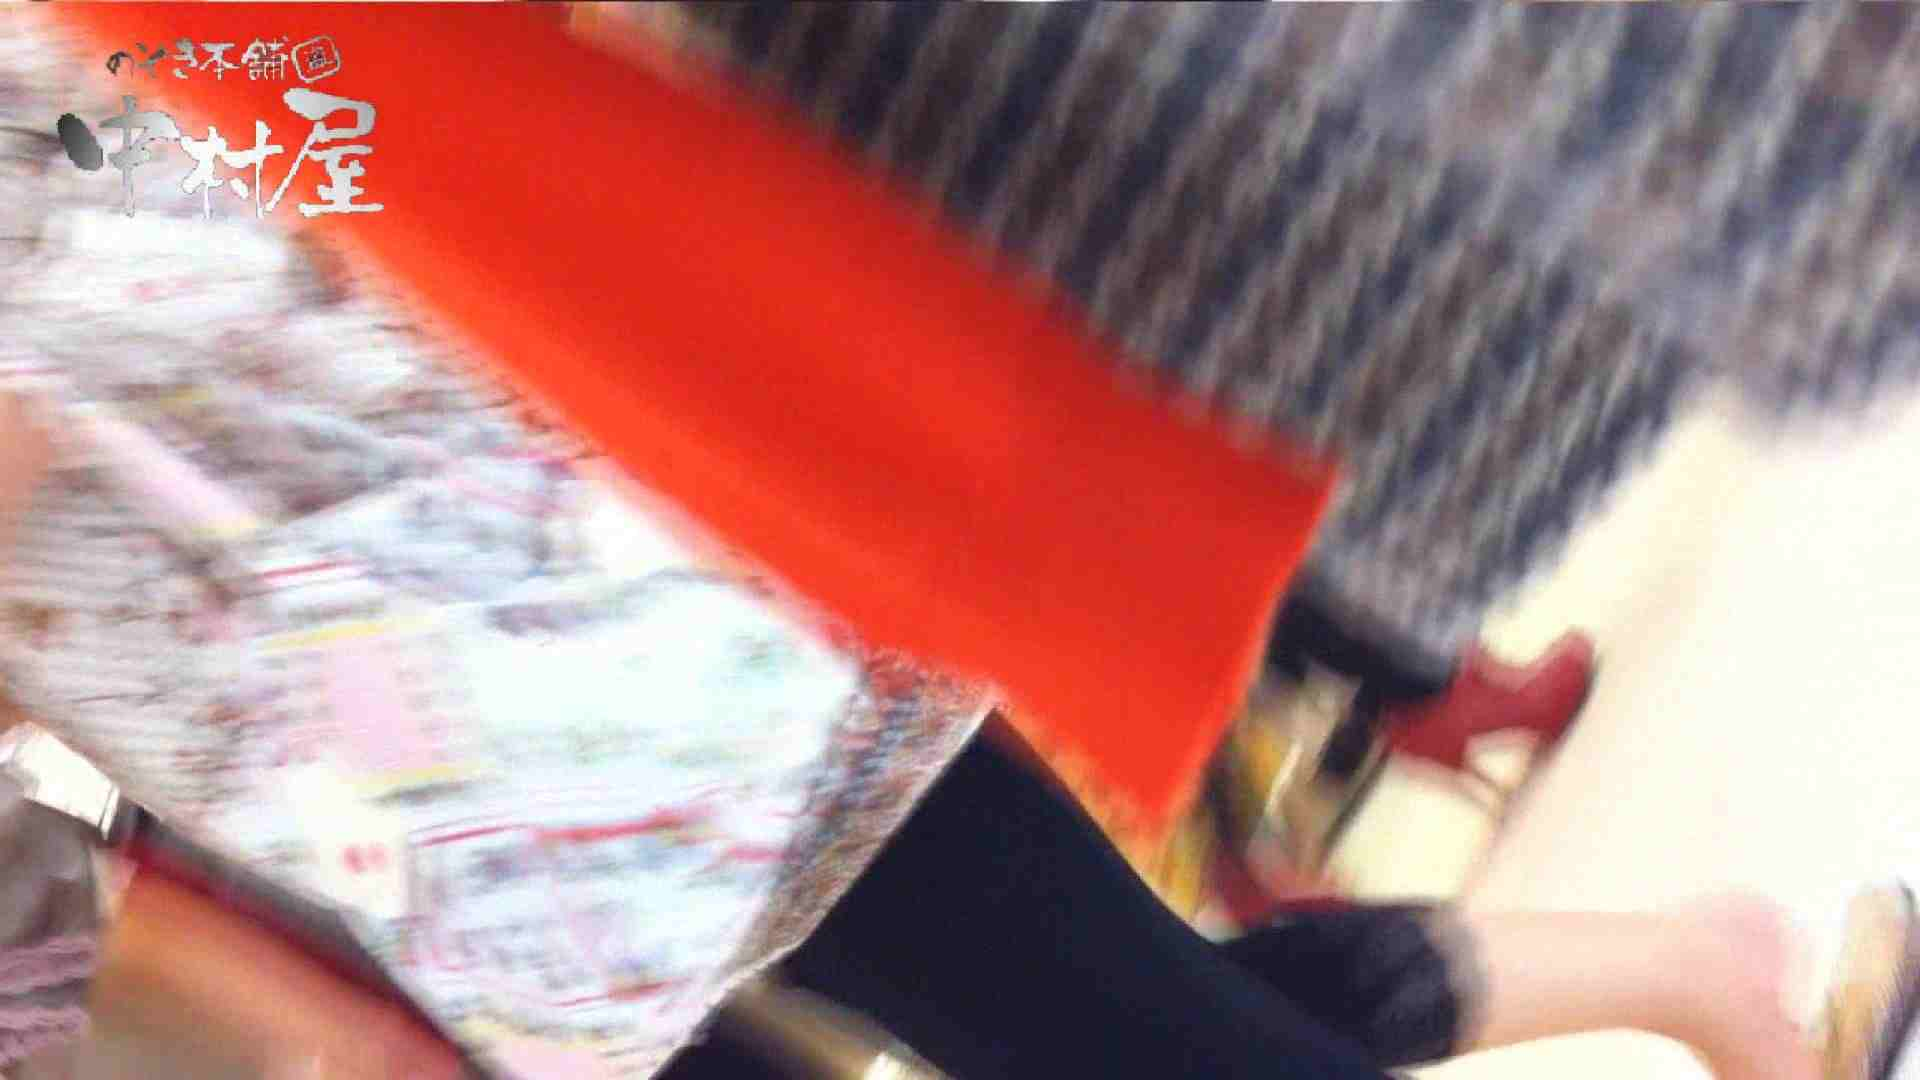 vol.48可愛いカリスマ店員胸チラ&パンチラ アニメ声の店員さん 接写  35pic 3